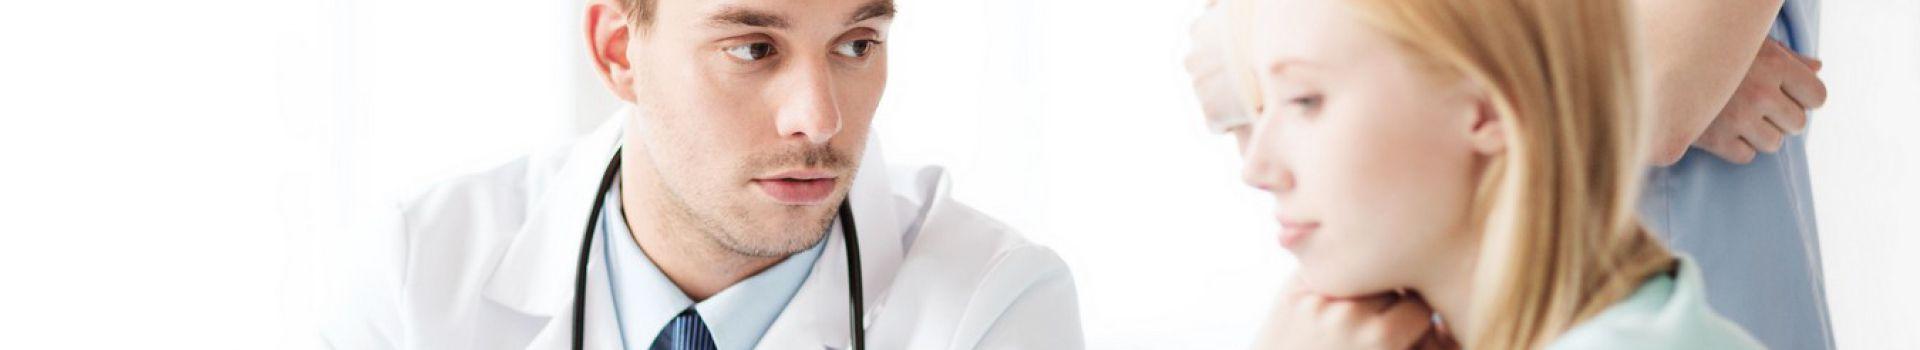 Clinica de Internação Involuntária para Dependentes Químicos